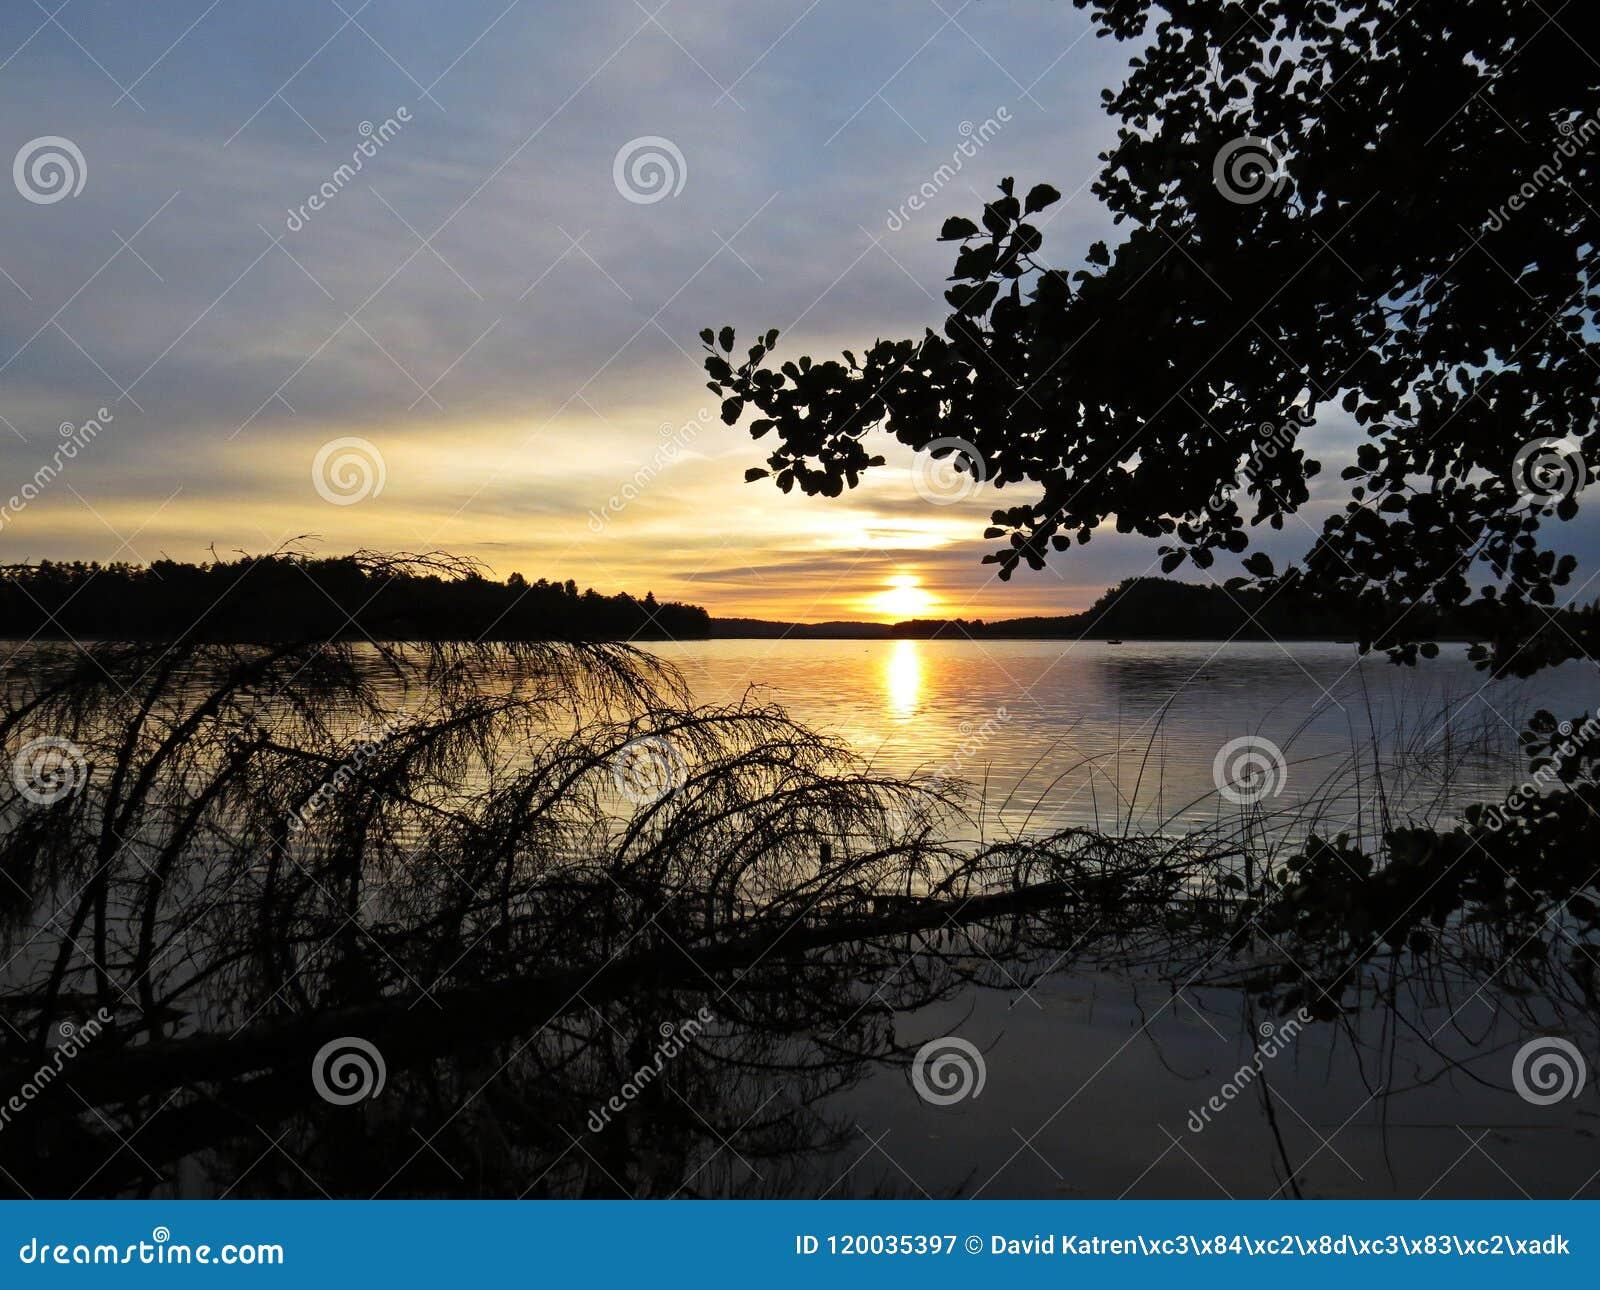 Упаденное отражение дерева в воде во время захода солнца над красивым озером с облачным небом в предпосылке